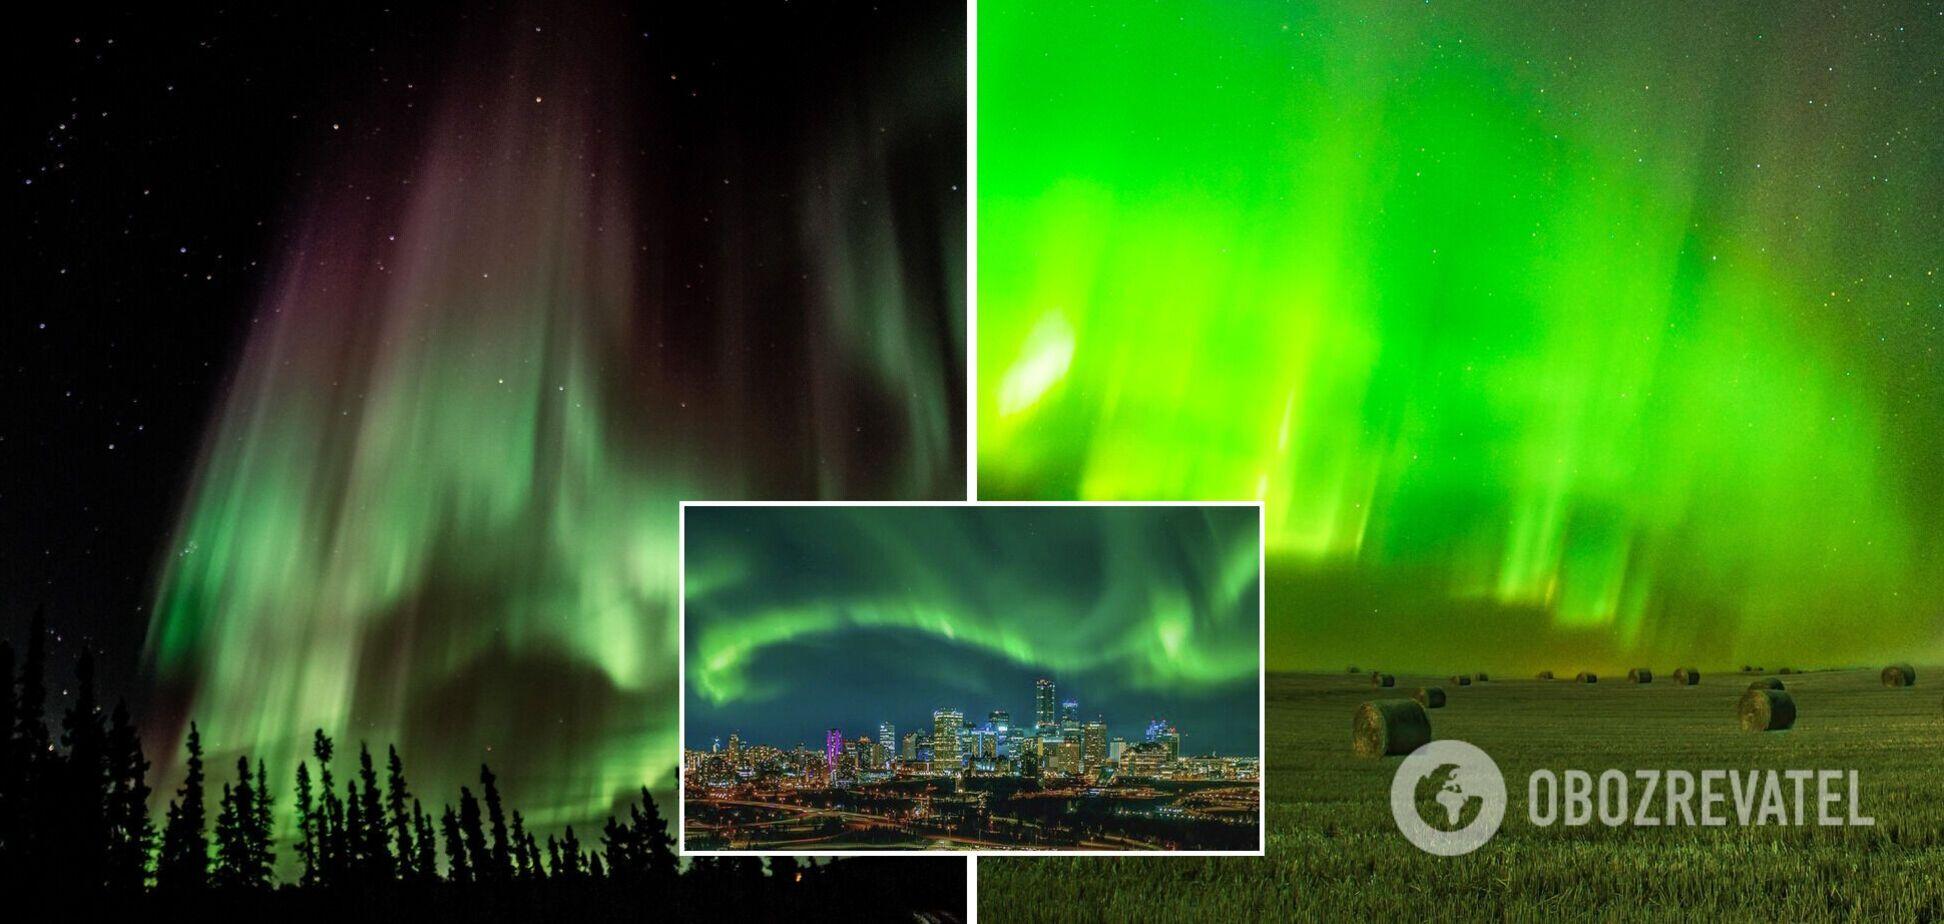 Небо приобрело зеленоватый оттенок: в сети показали яркие фото полярного сияния